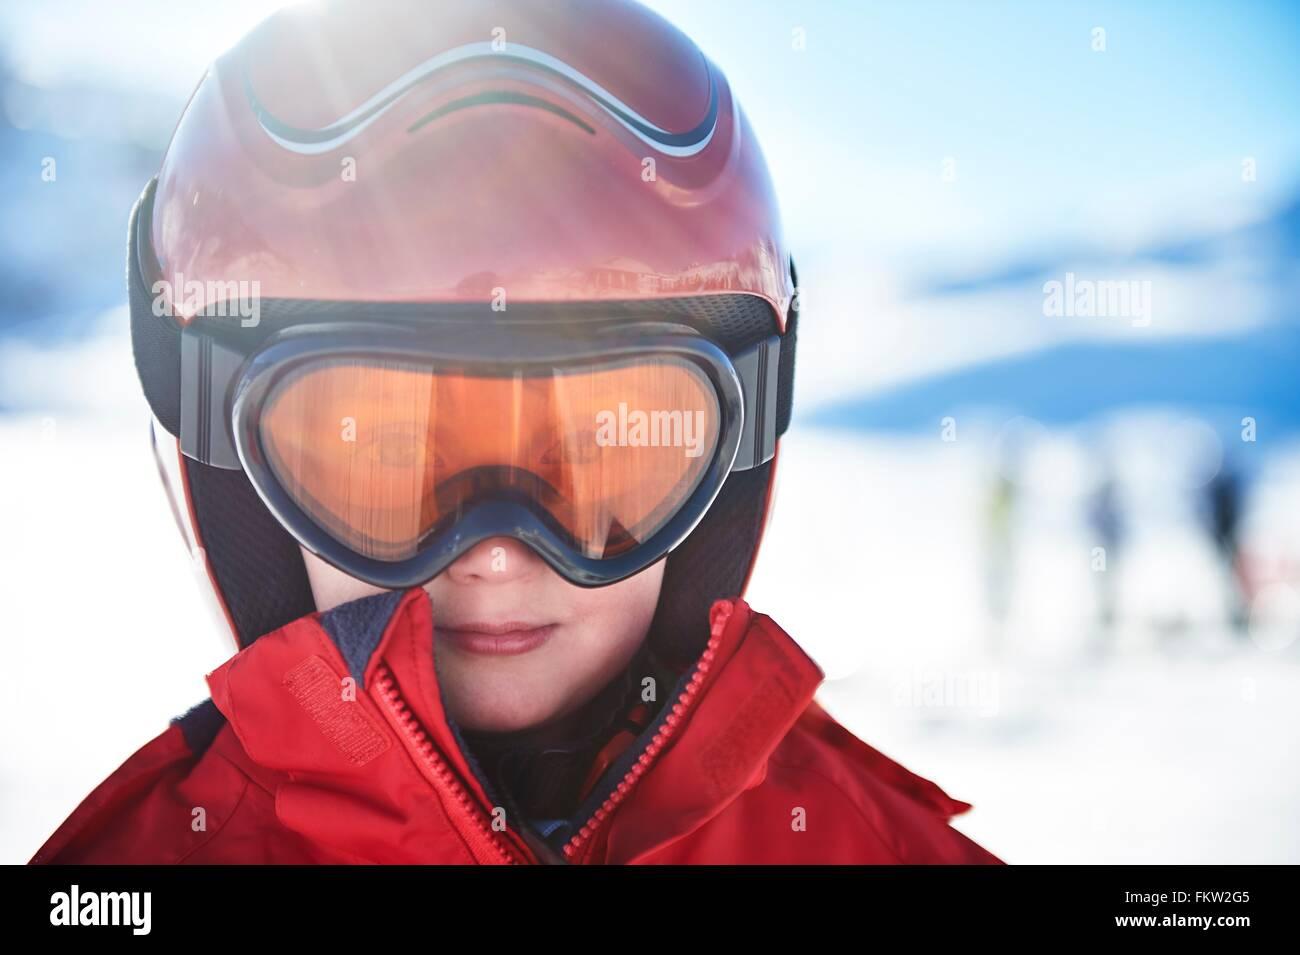 Boy en vacaciones de esquí Imagen De Stock